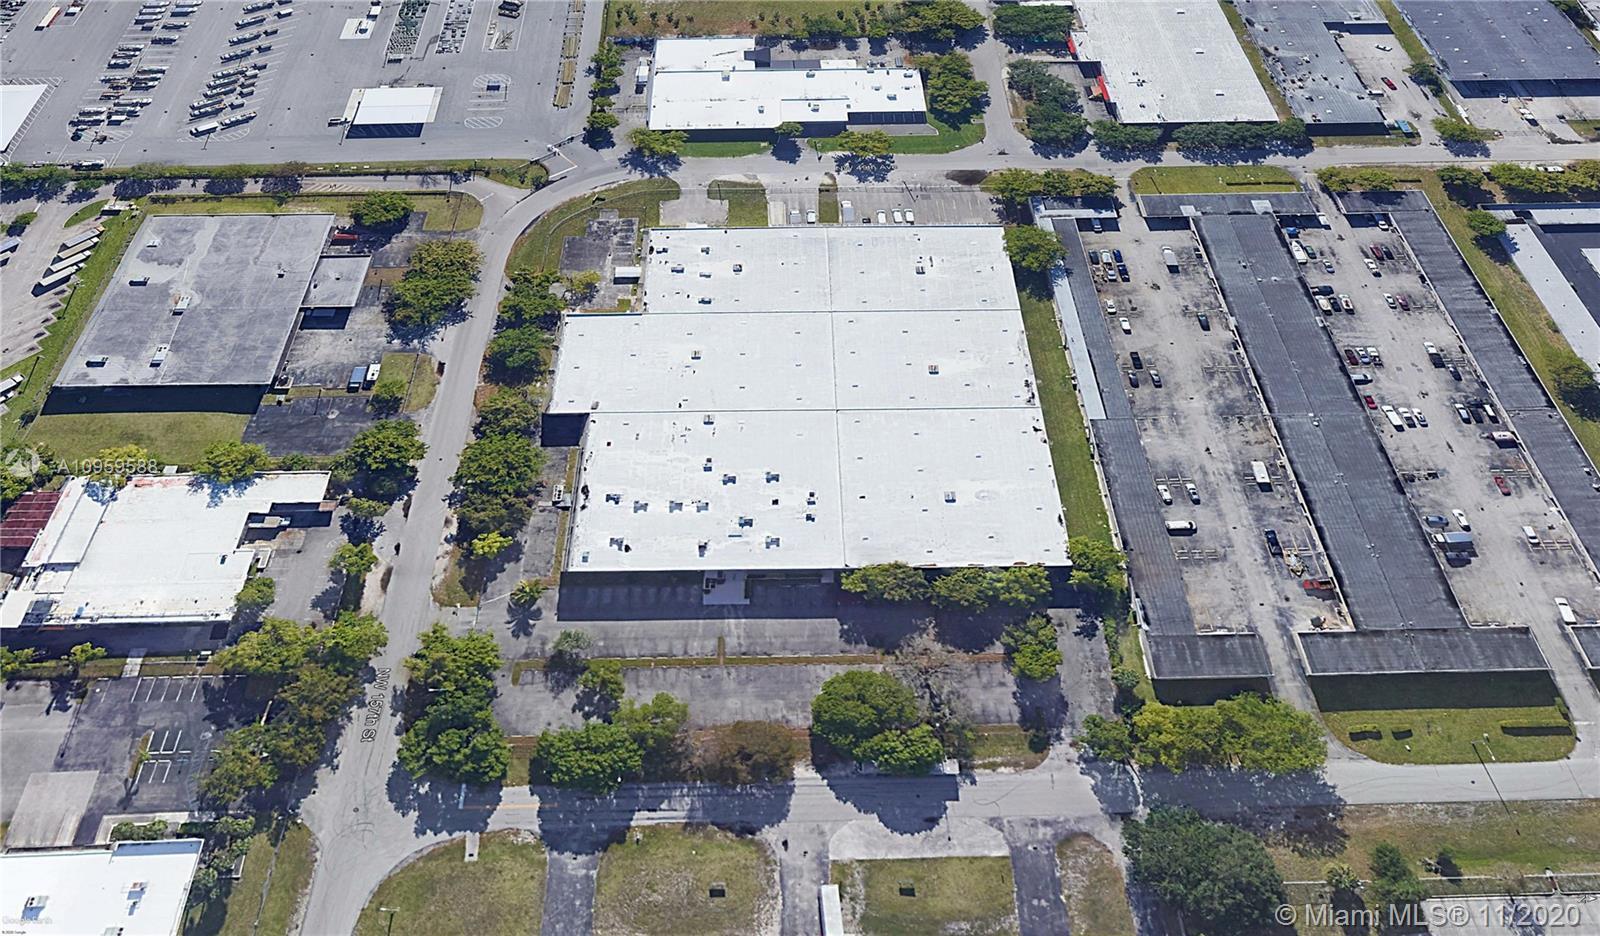 15801 NW 49th Ave, Miami Gardens, FL 33014